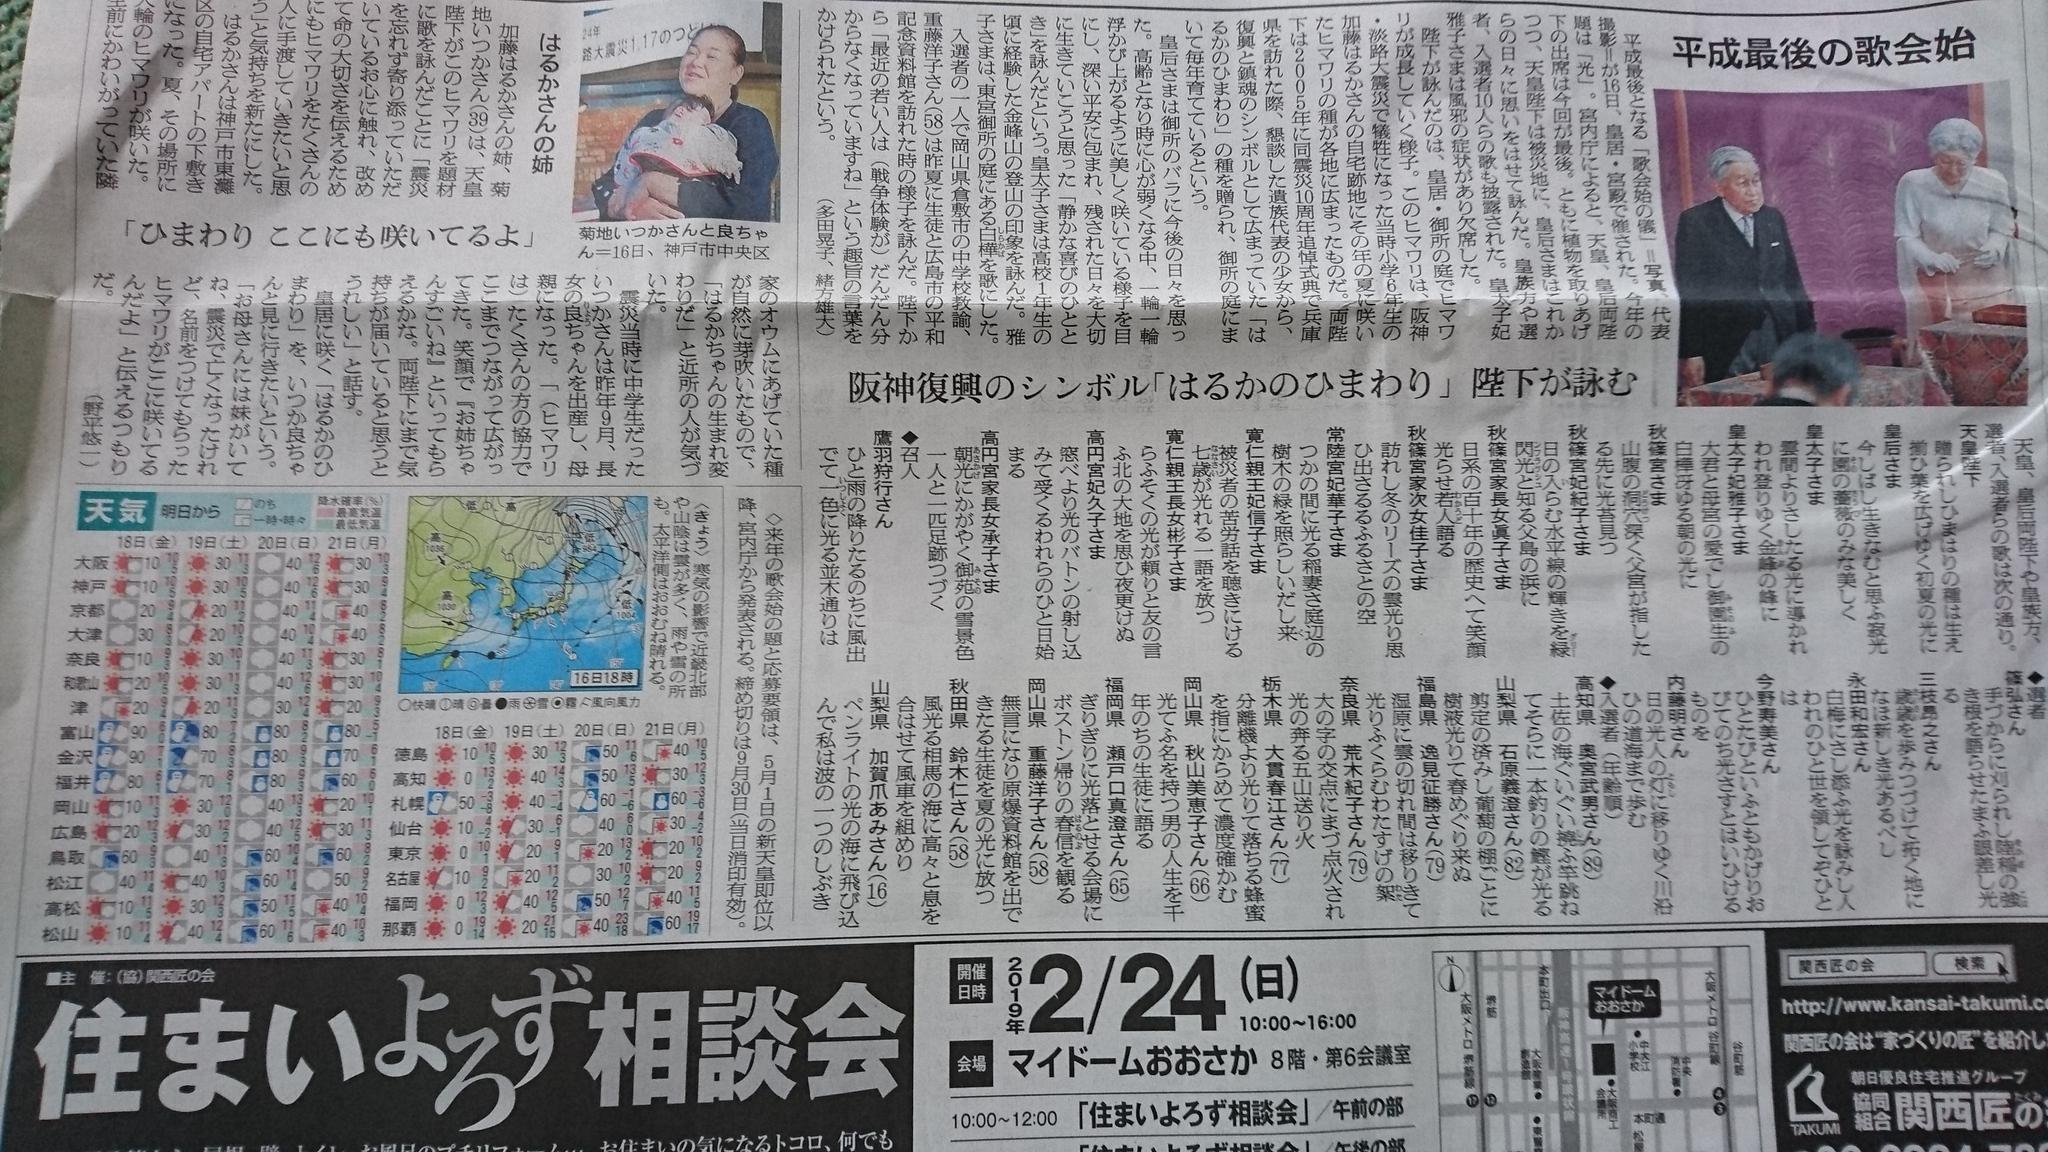 平成最後の 天皇陛下の歌会始